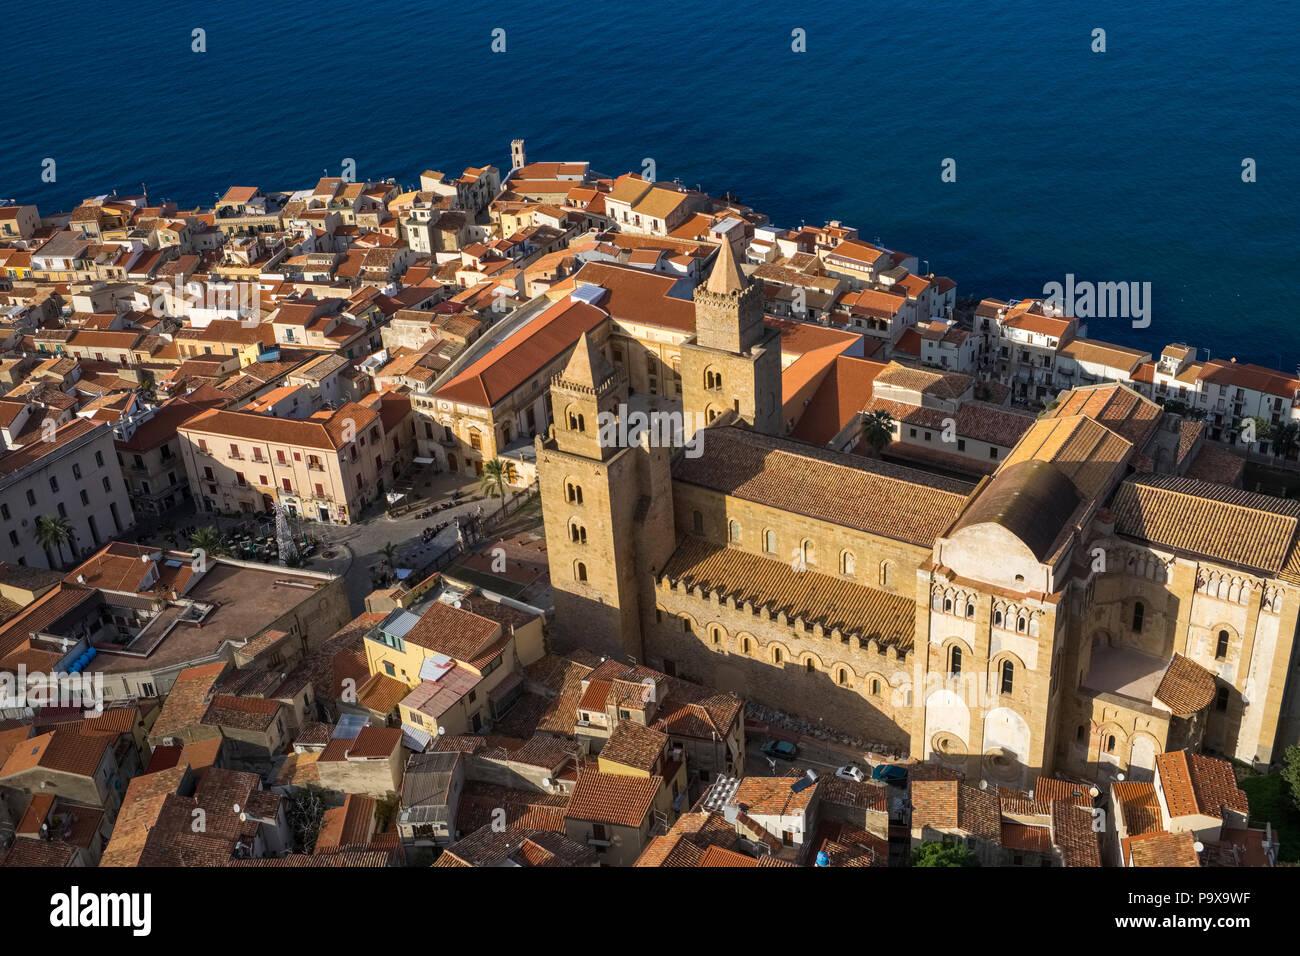 Vista aerea di Cefalu Cathedral e tetti rossi architettura degli edifici, Cefalu, Sicilia, Italia, Europa Immagini Stock